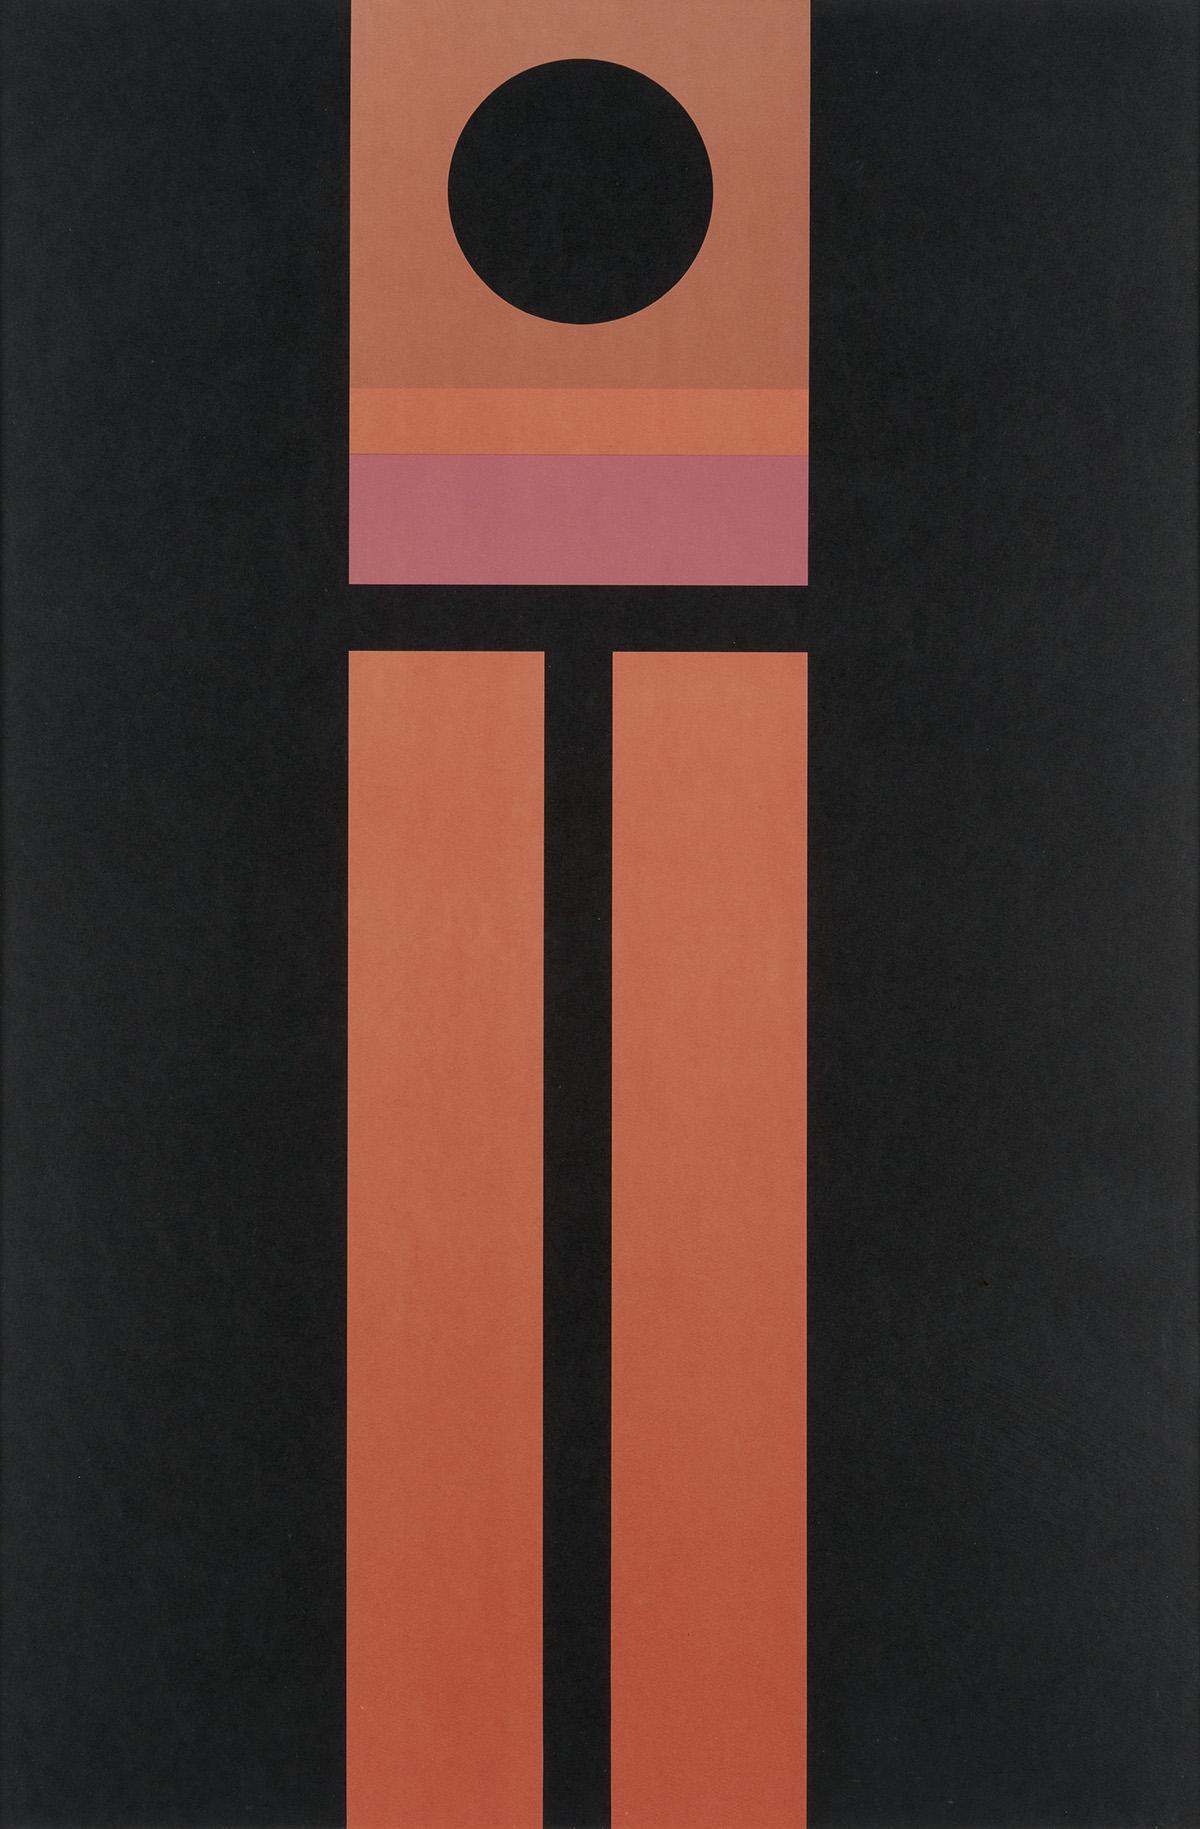 LESTER L. JOHNSON, JR. (1937 - 2001) John Coltrane.